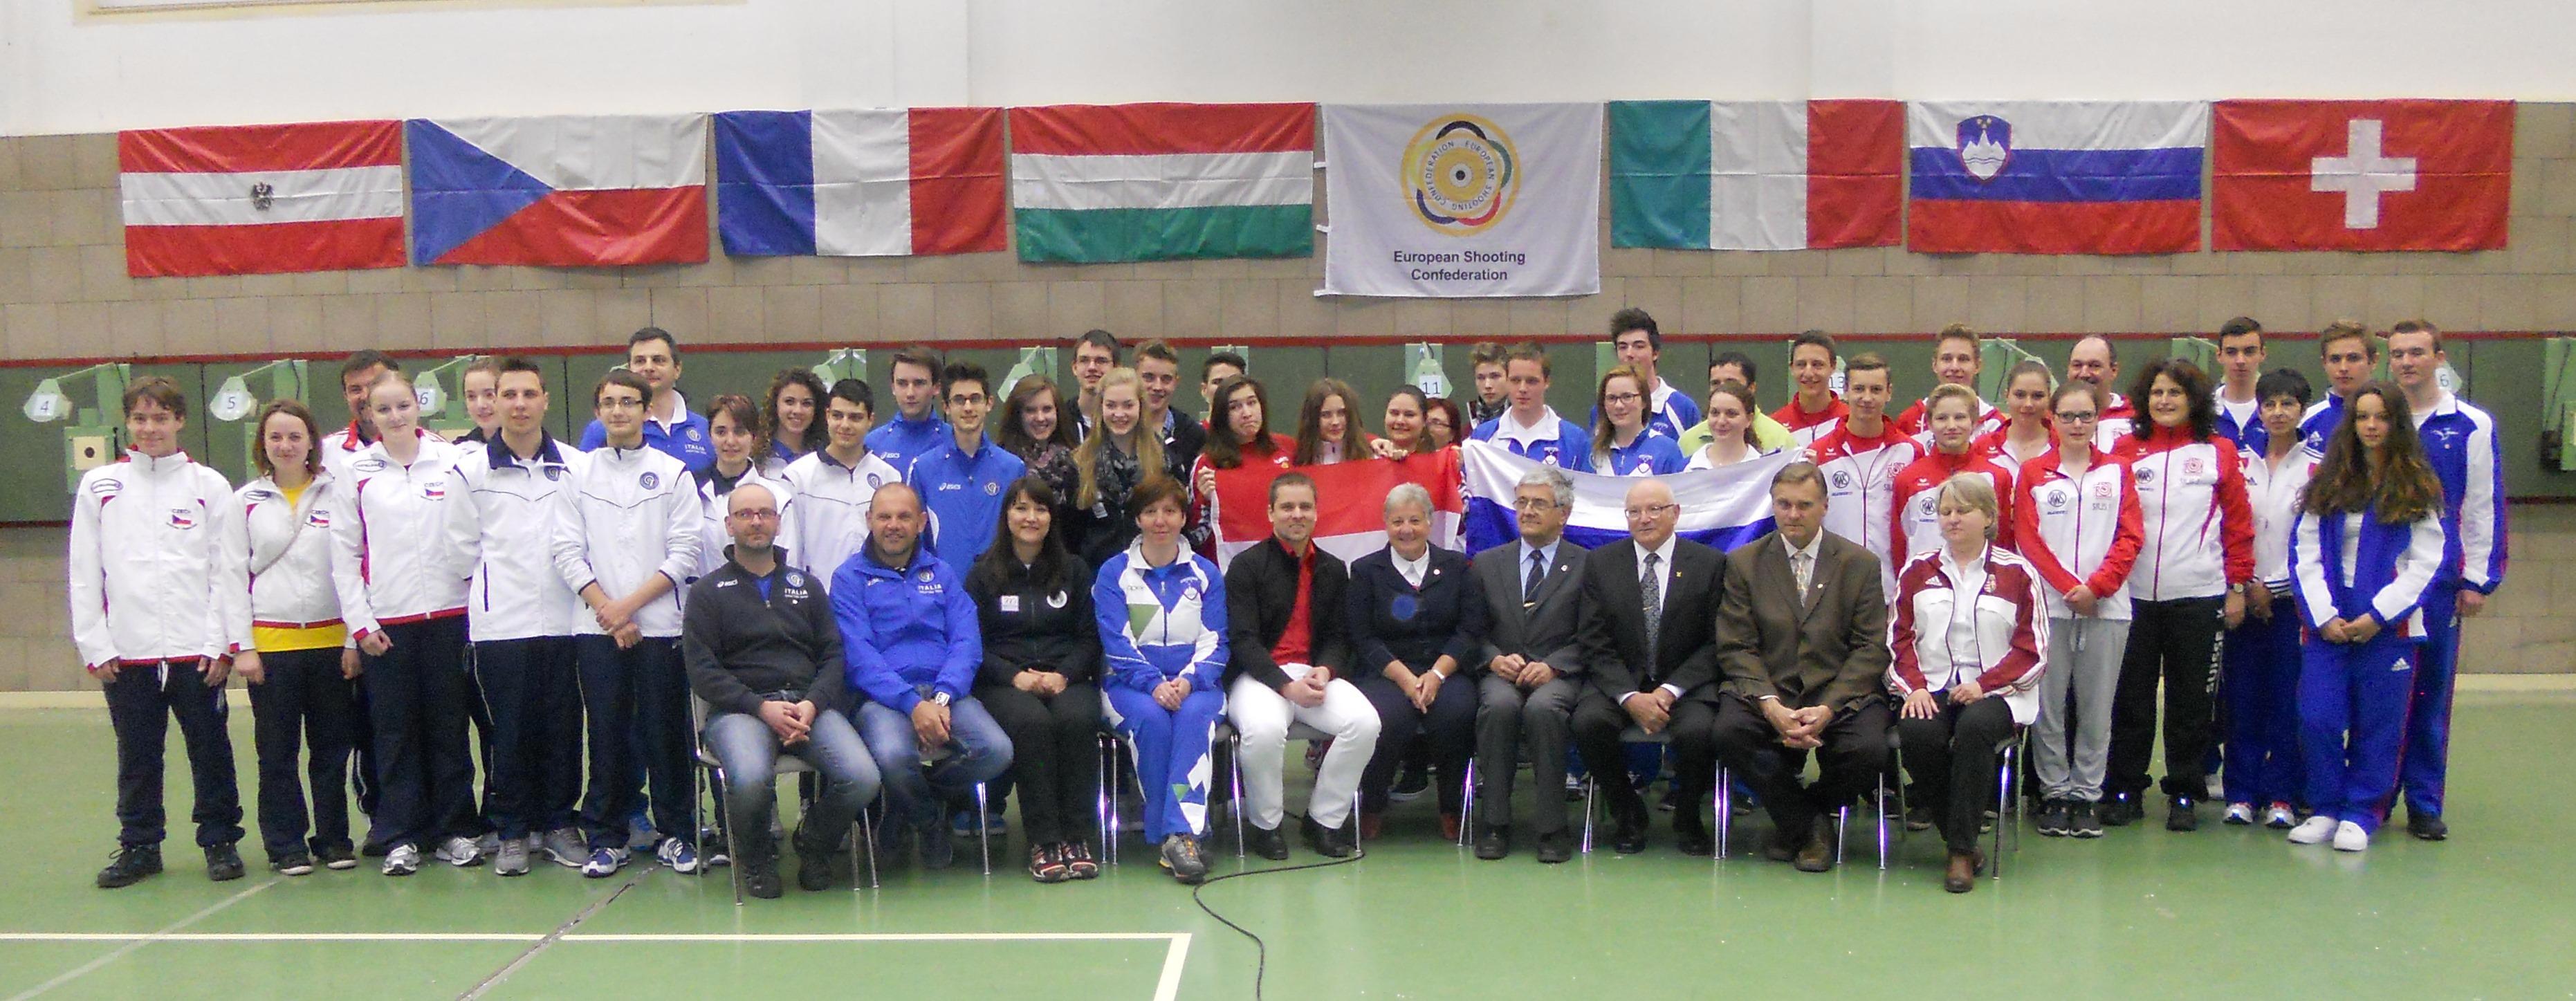 Teams 2014 West Region.JPG